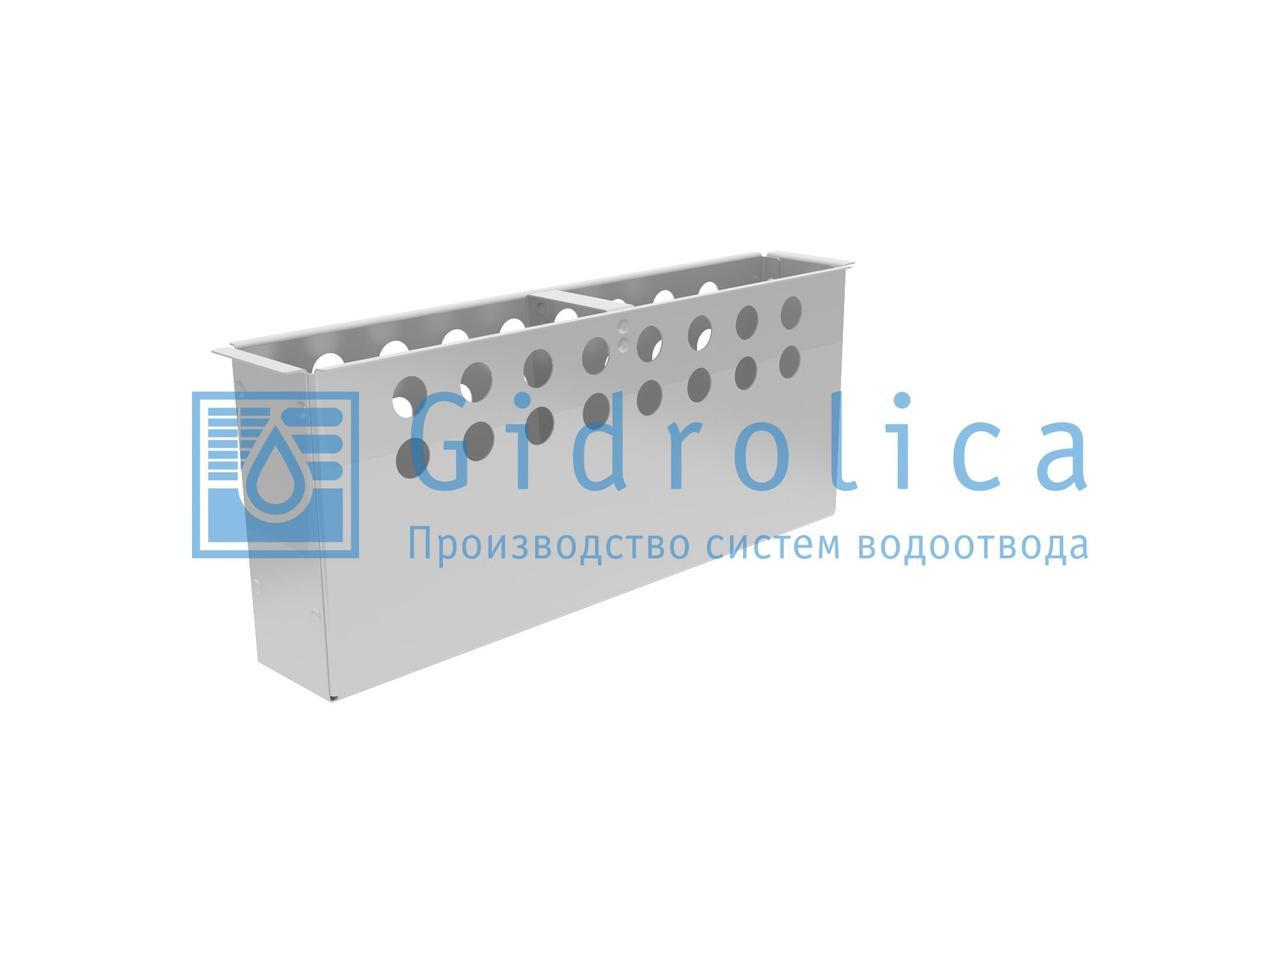 Корзина стальная универсальная для пескоулавливающего колодца (СО-100)Кпк 10 - 40.8.16,4